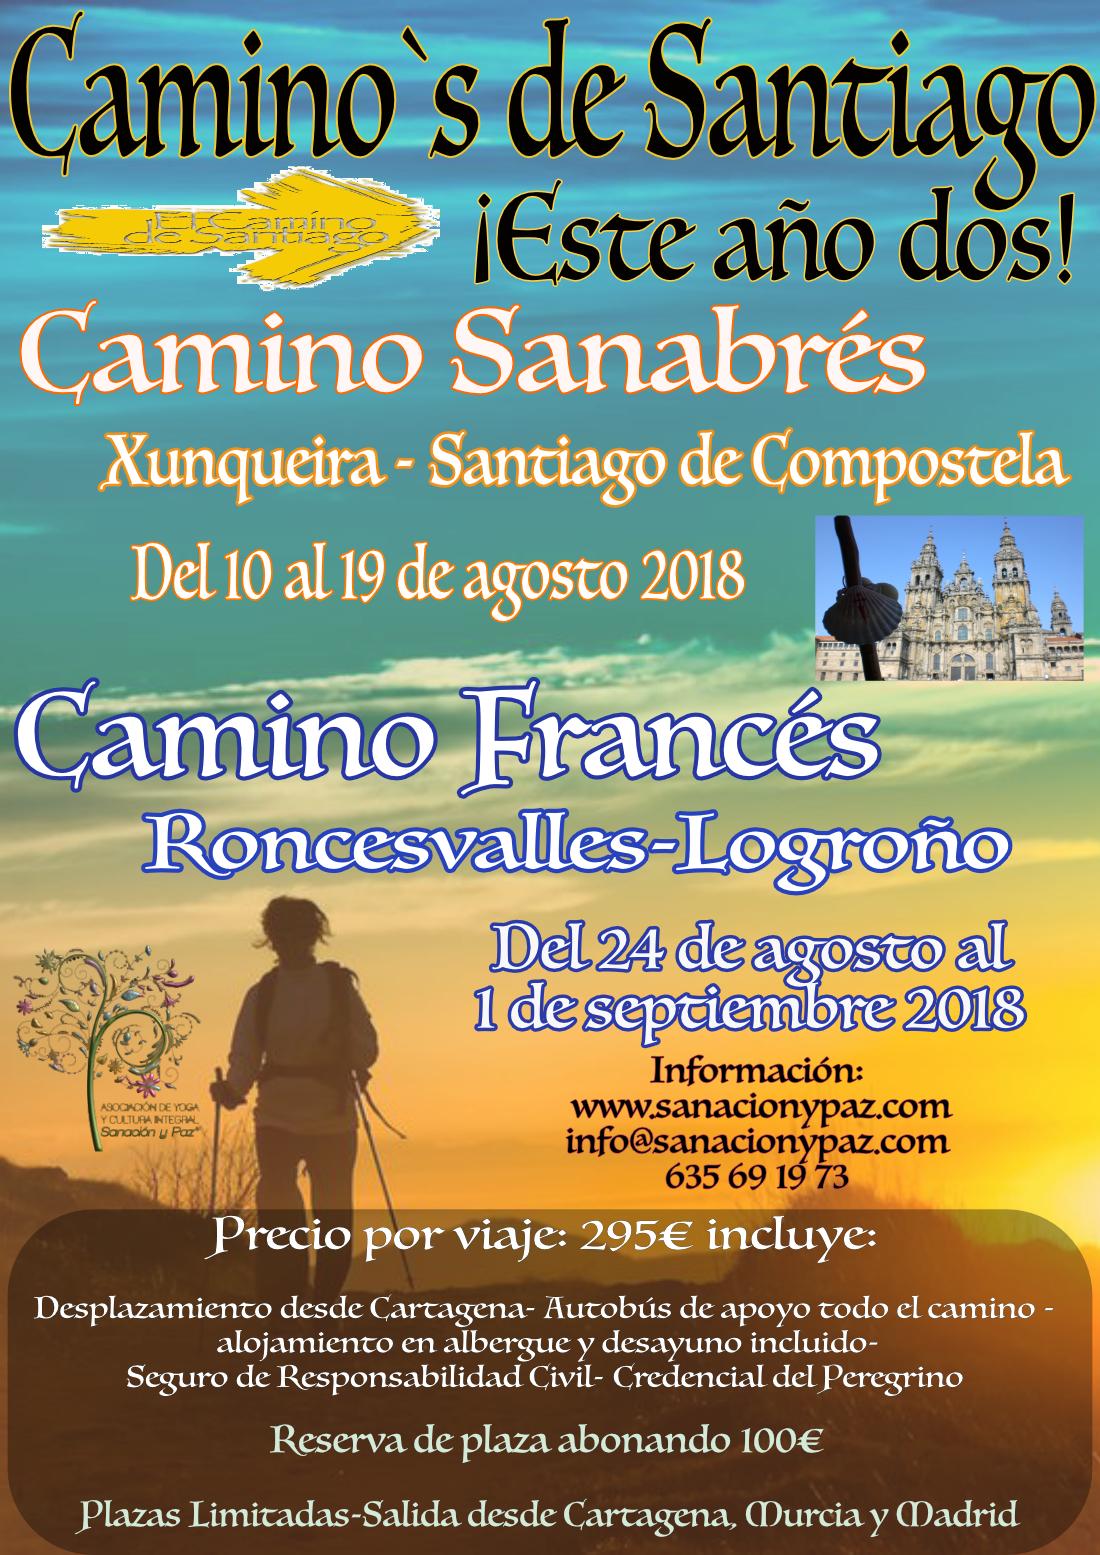 camino de santiago2018 2